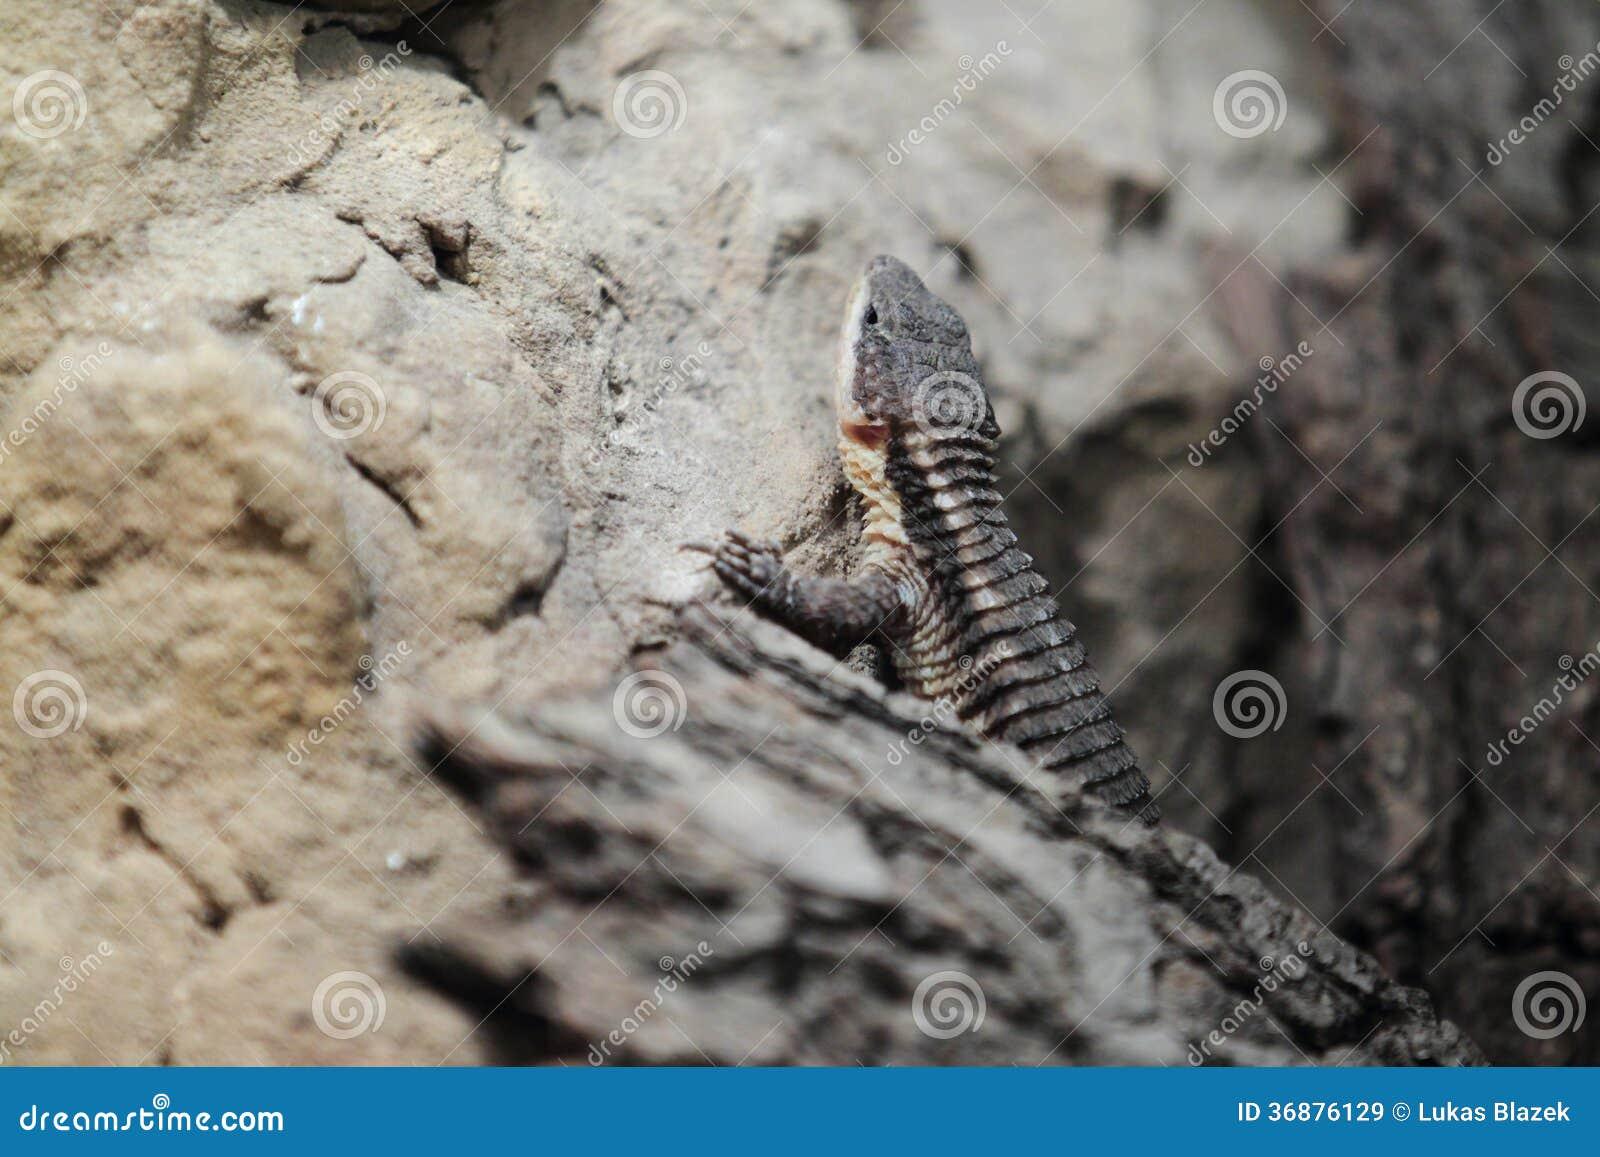 Nach Osten Afrikaner stachelig-angebundene Eidechse